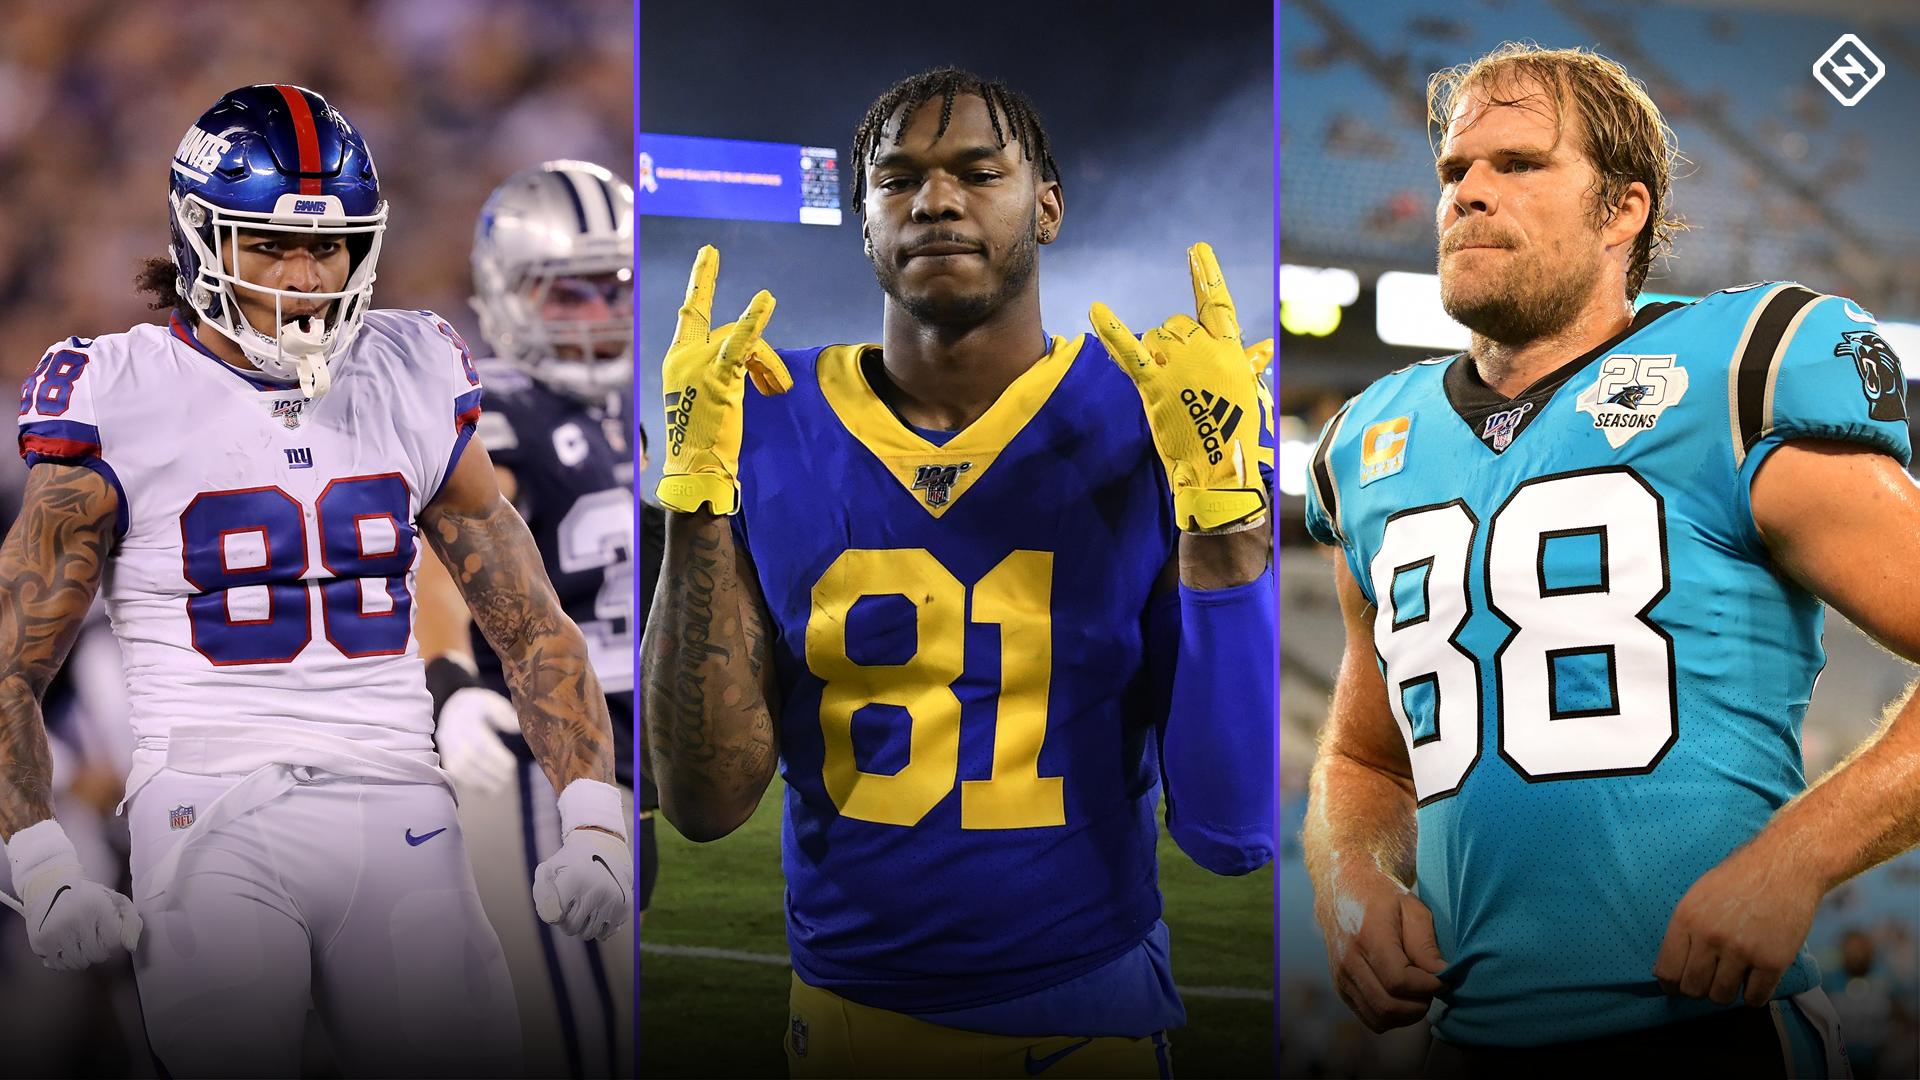 Fantasy Football Injury Updates: Evan Engram, Gerald Everett, Greg Olsen affect Week 15 TE rankings